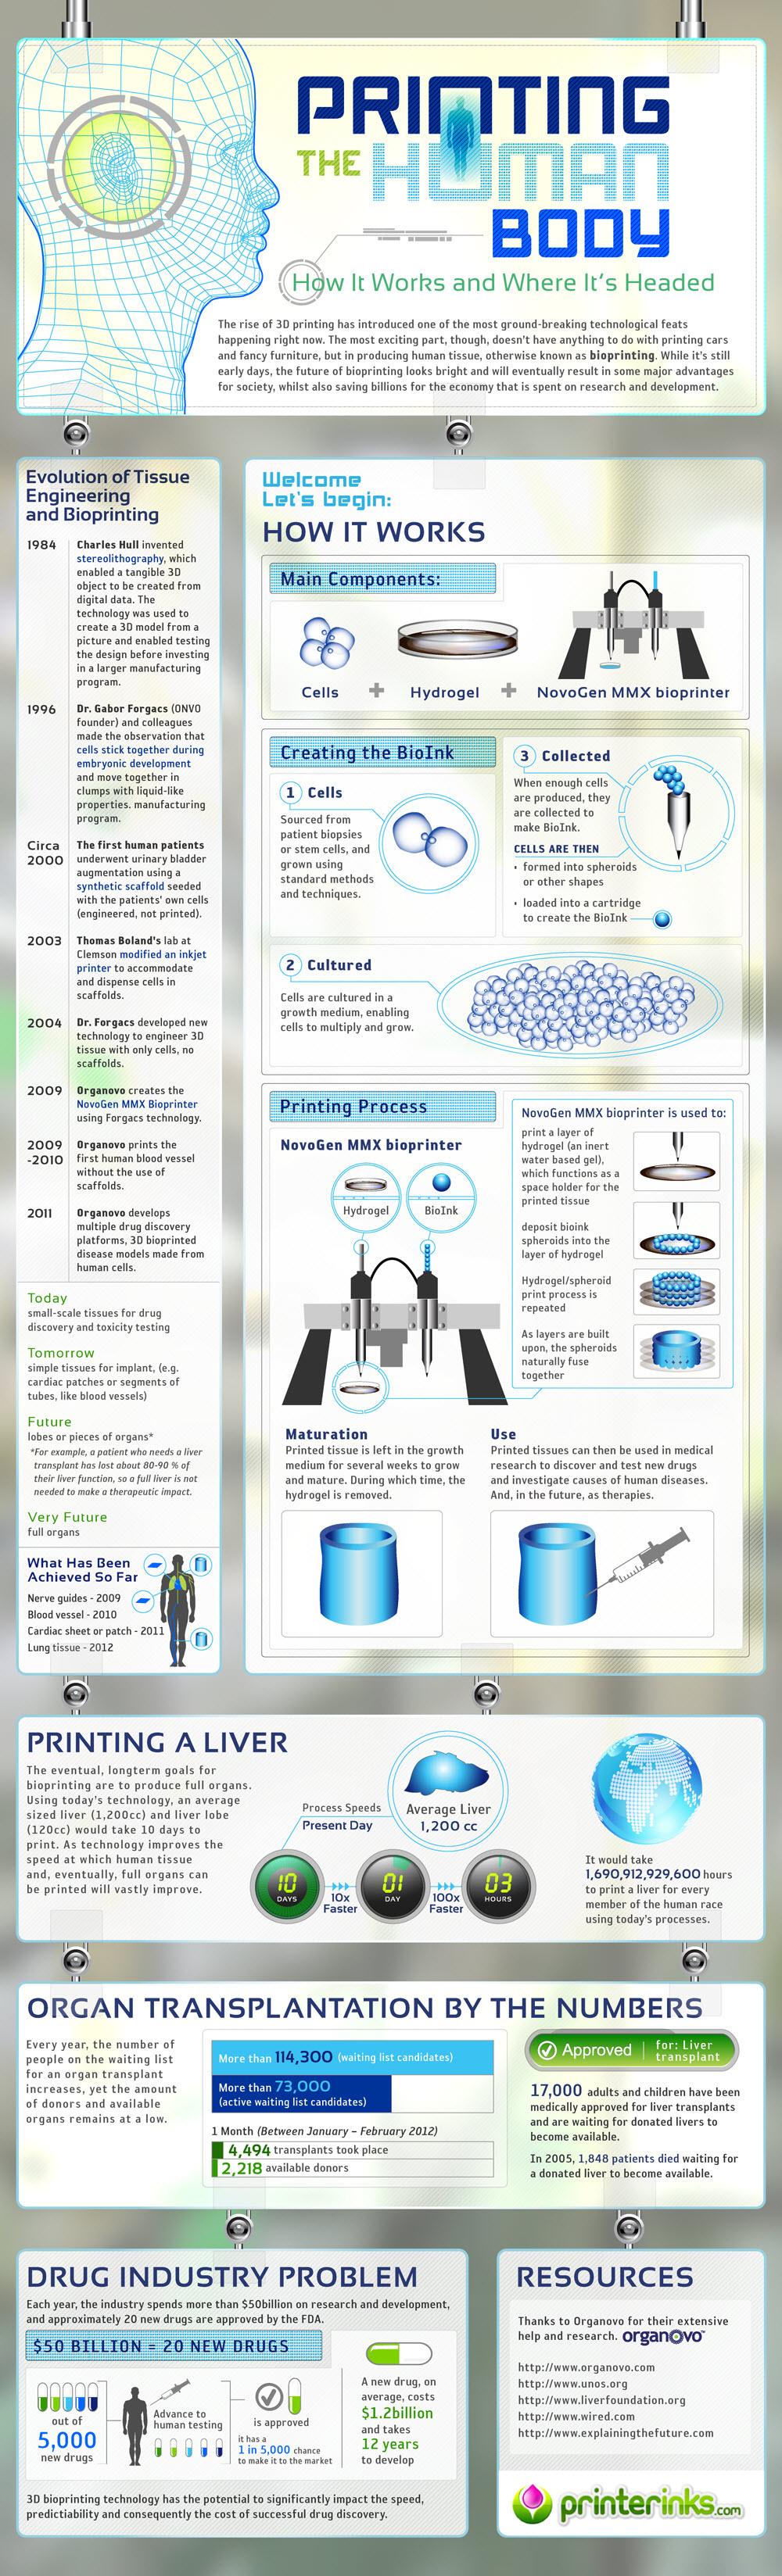 BioprintingInfographic.jpg